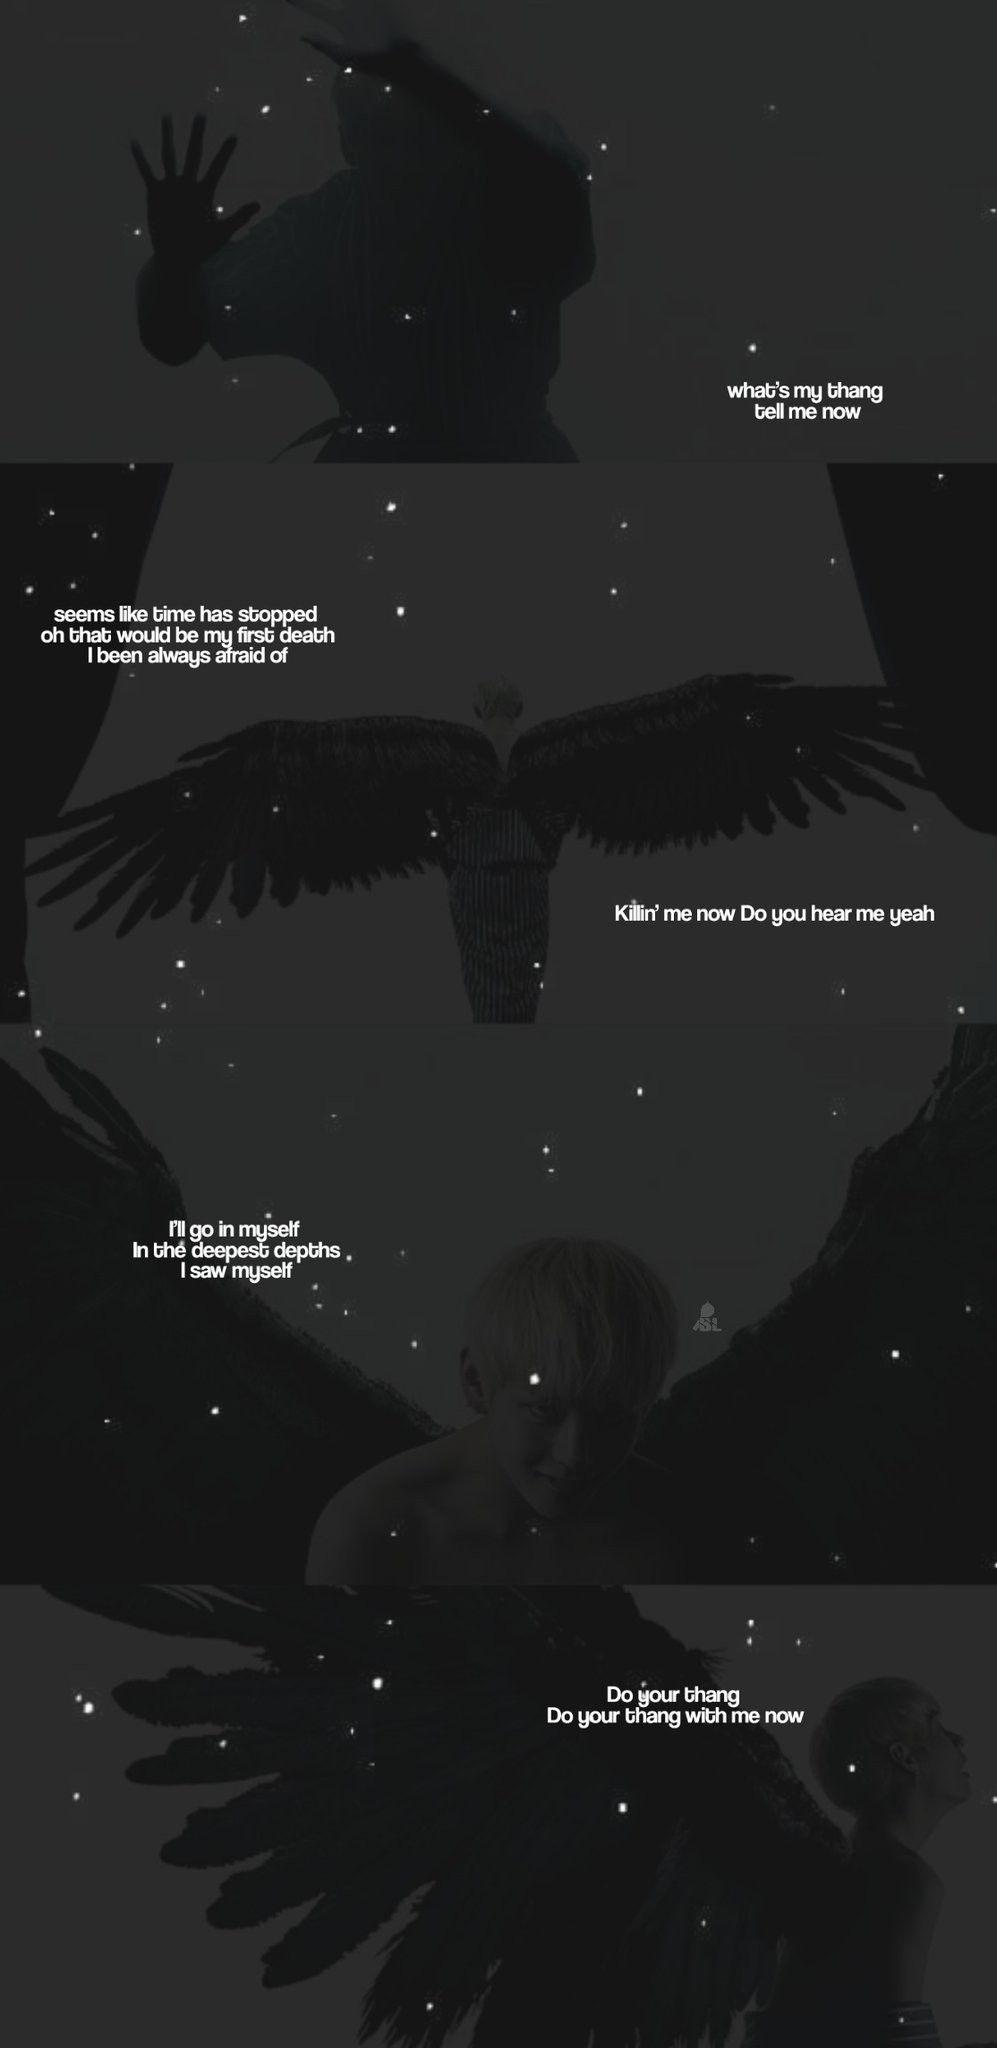 BTS MOTS7 black swan lyrics lockcreens Credits to twitter 997x2048